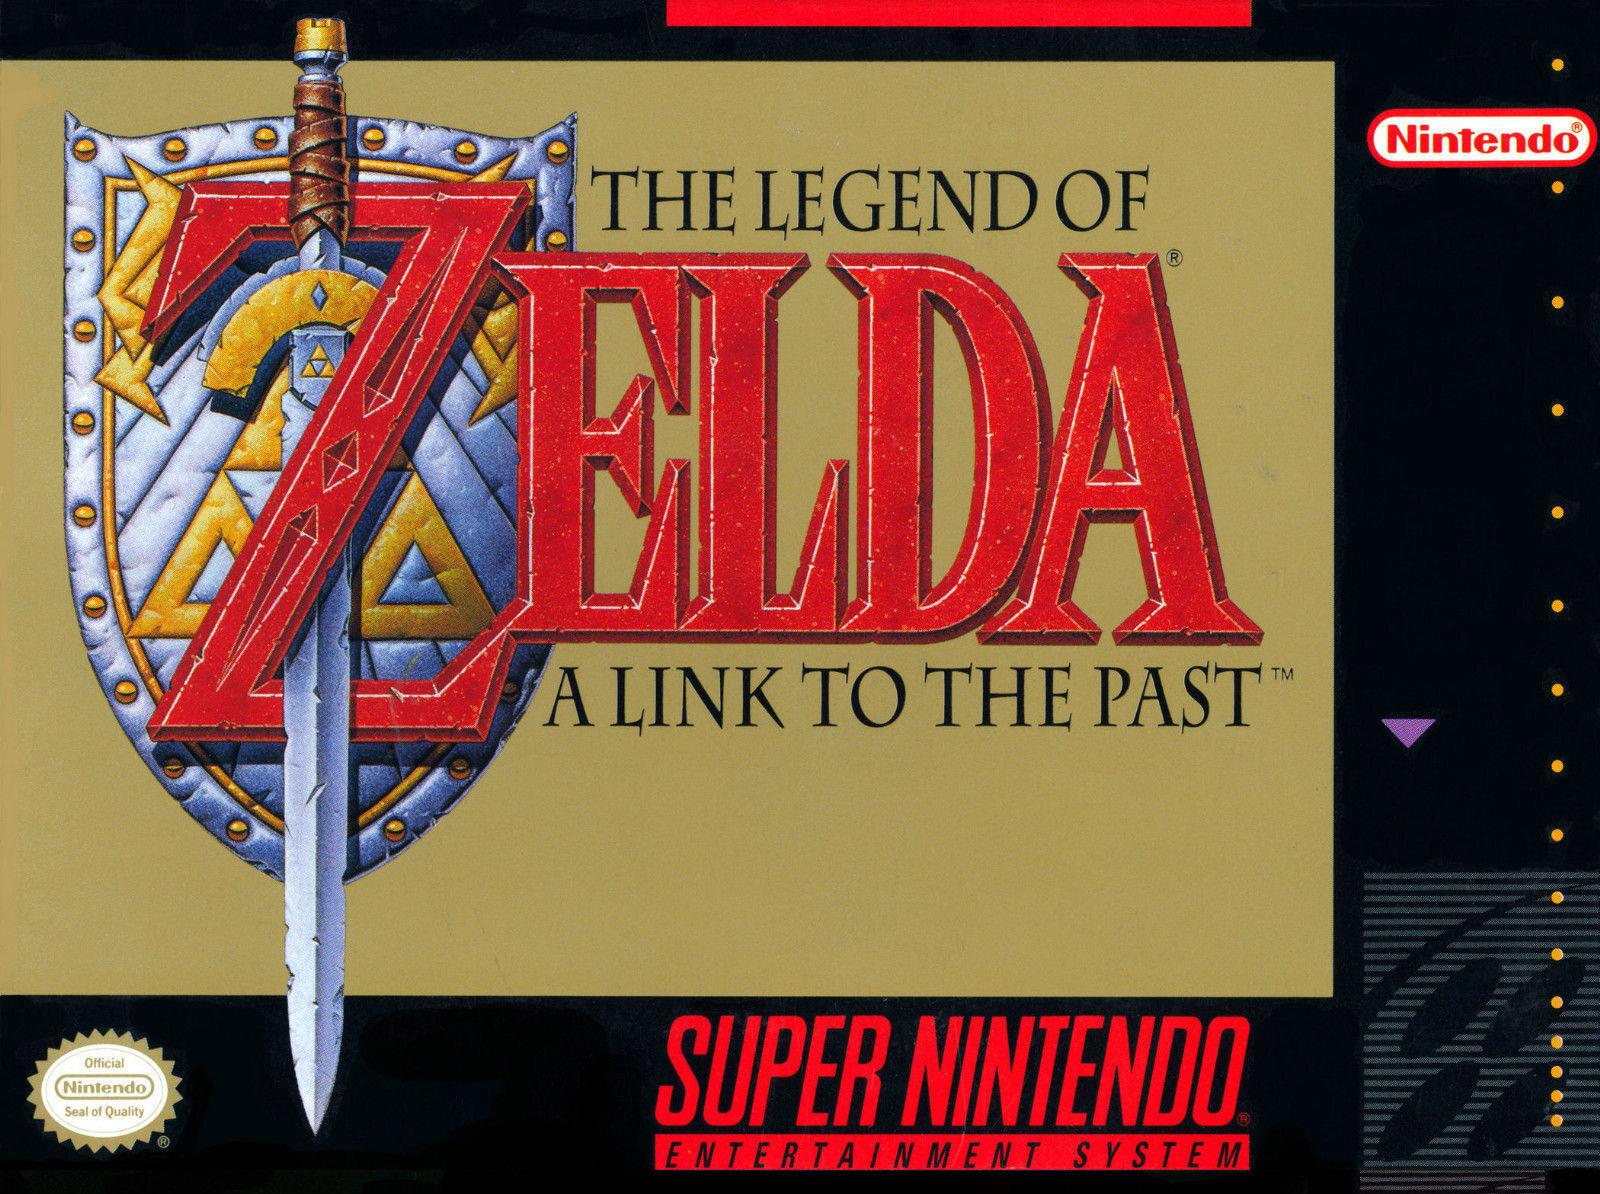 Game boy color legend of zelda - The Legend Of Zelda A Link To The Past